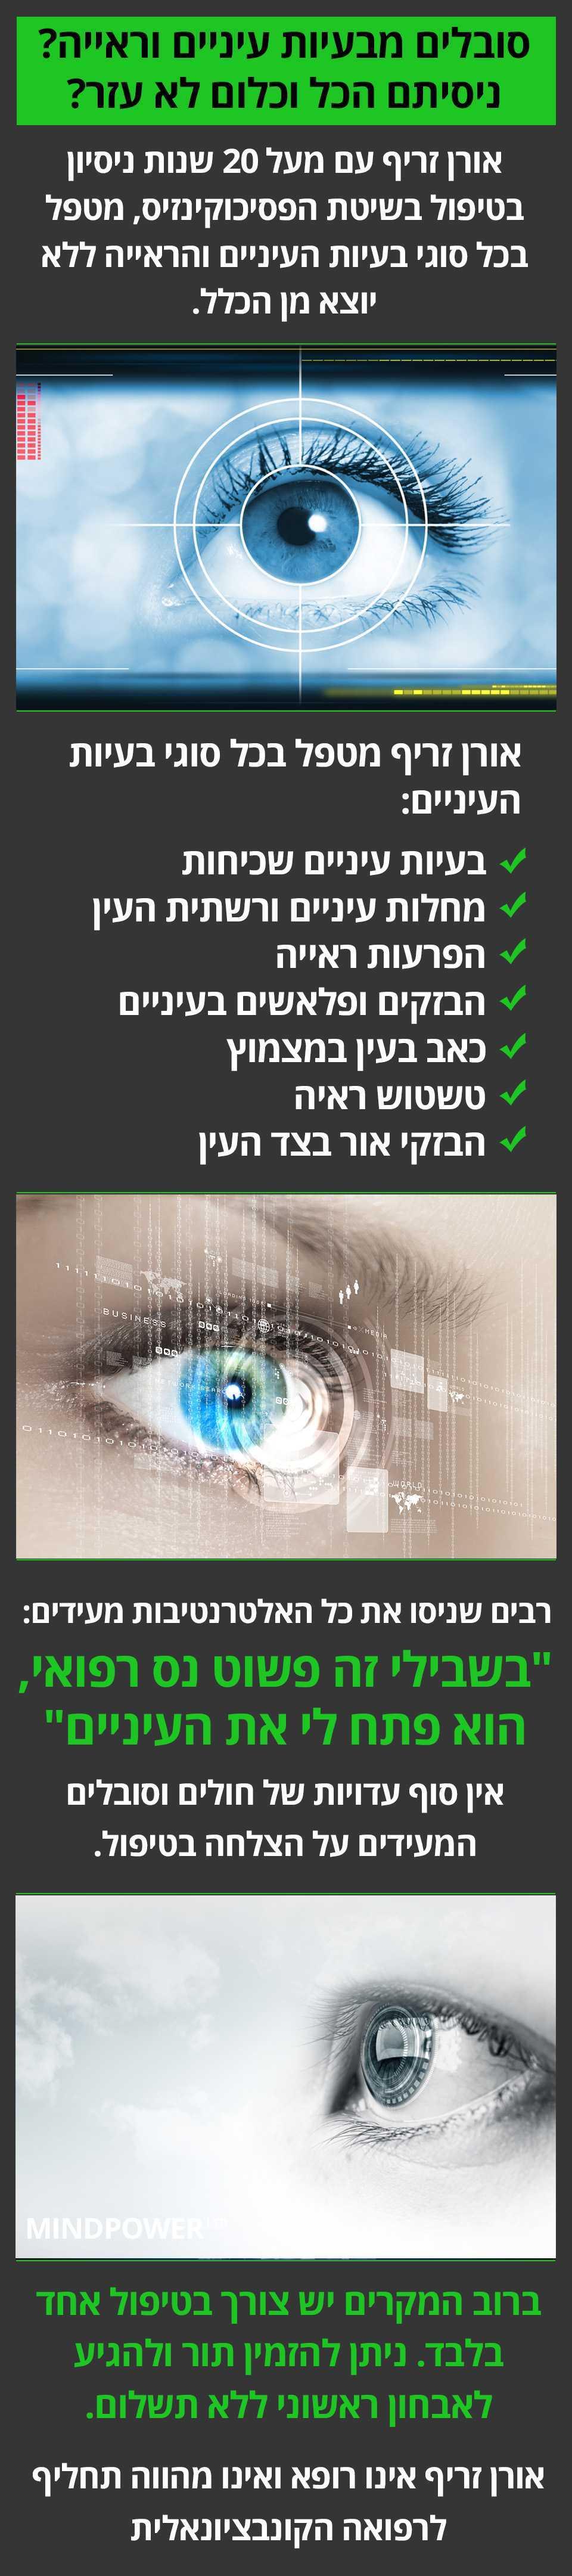 טיפול בבעיות עיניים